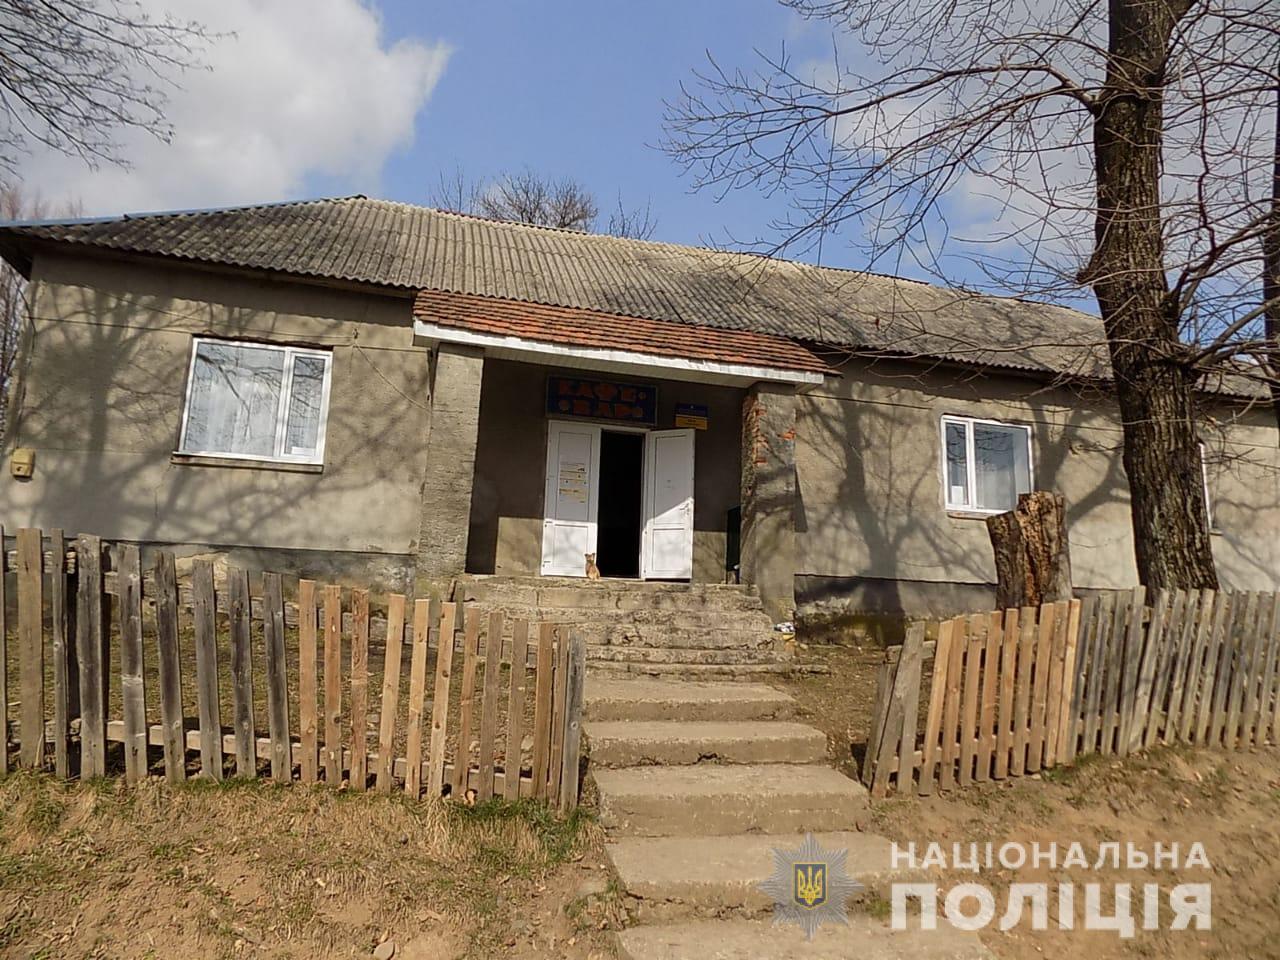 Правоохоронці спіймали за «гарячими слідами» трьох мешканців села Івашковиця, які серед ночі проникли до місцевої крамниці та обікрали заклад.